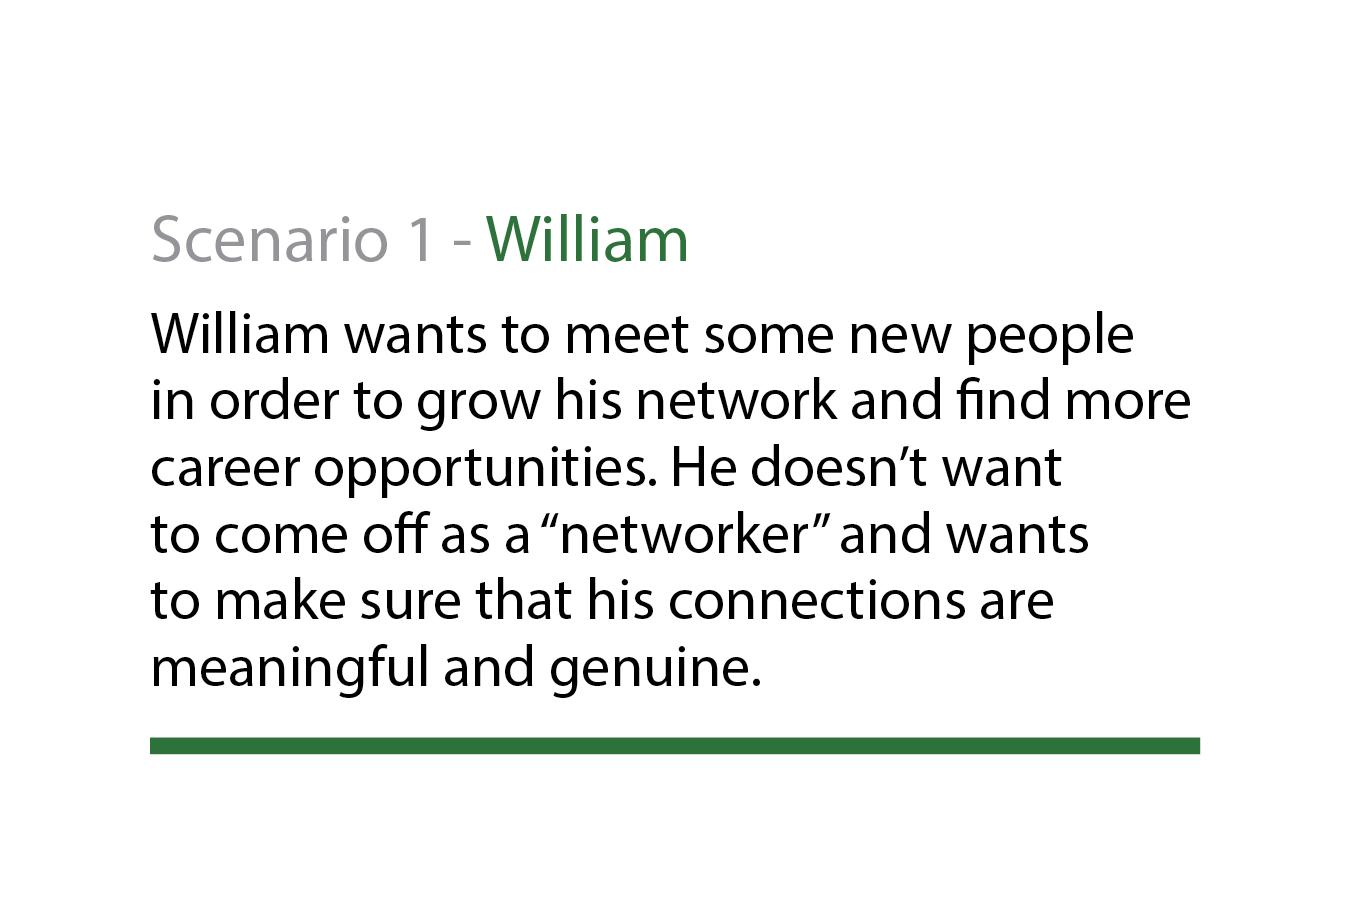 scenarios_william.jpg